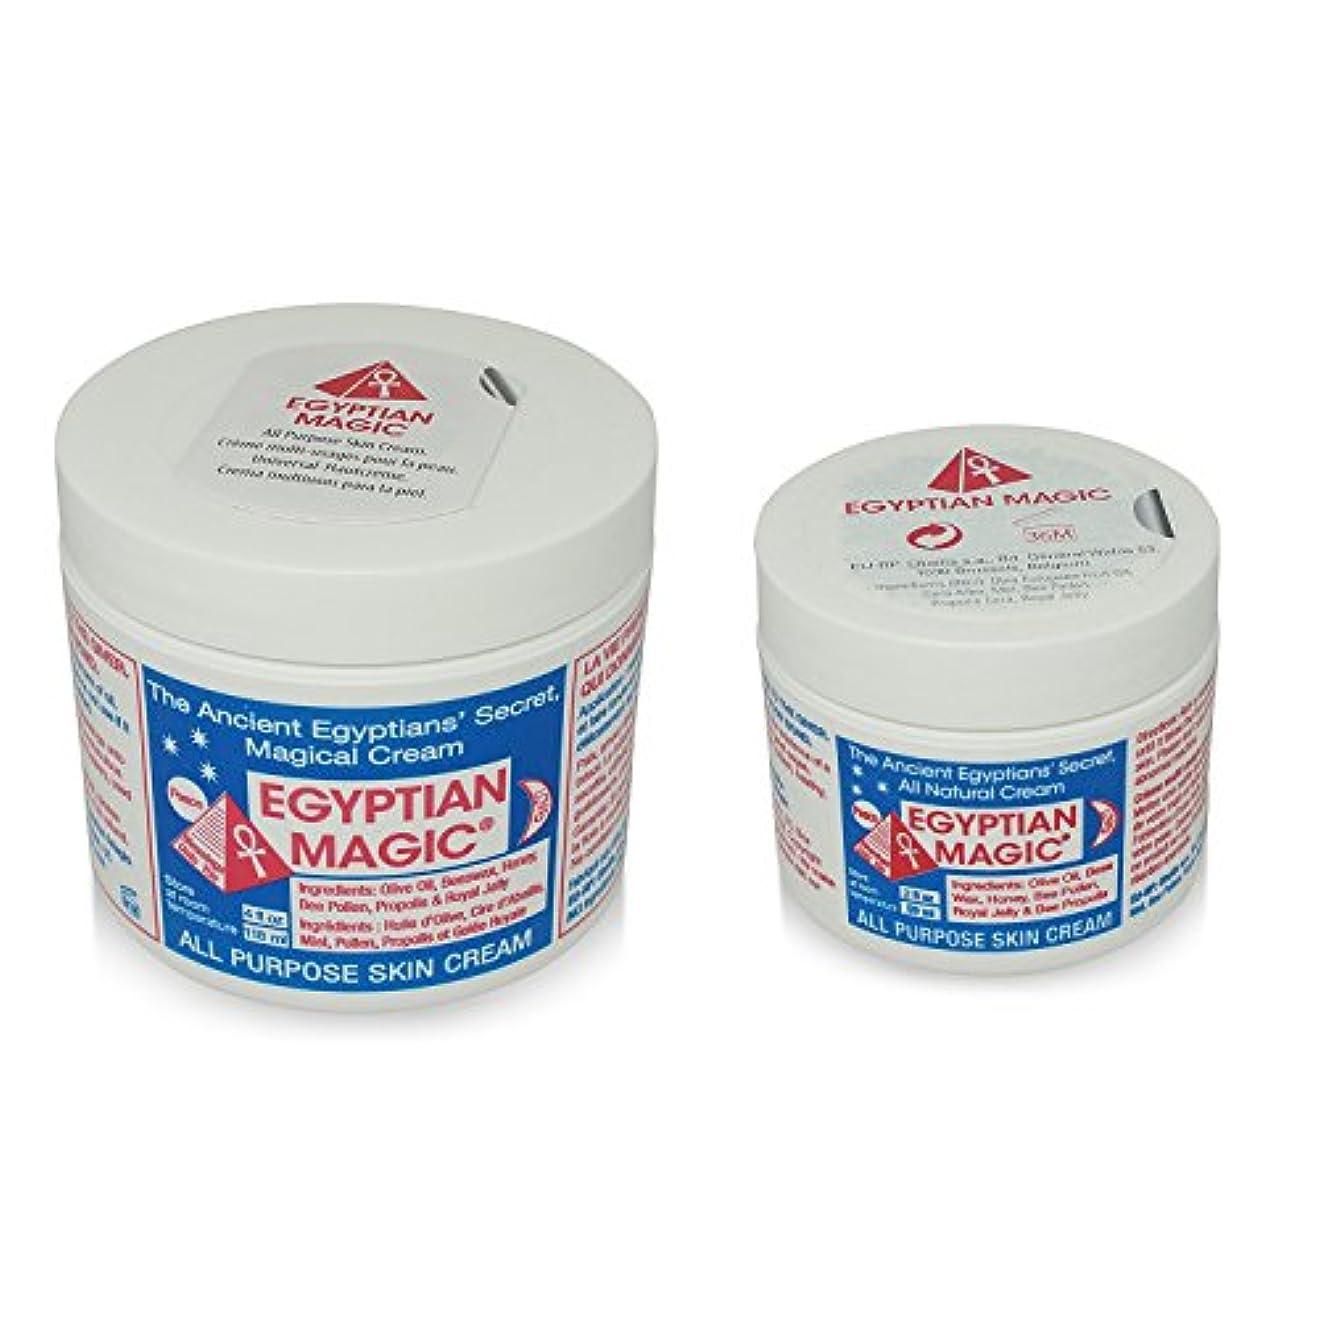 週間着替えるヒステリックEgyptian Magic Skin Cream エジプシャンマジッククリーム  (118ml)と(59ml)の2個セット